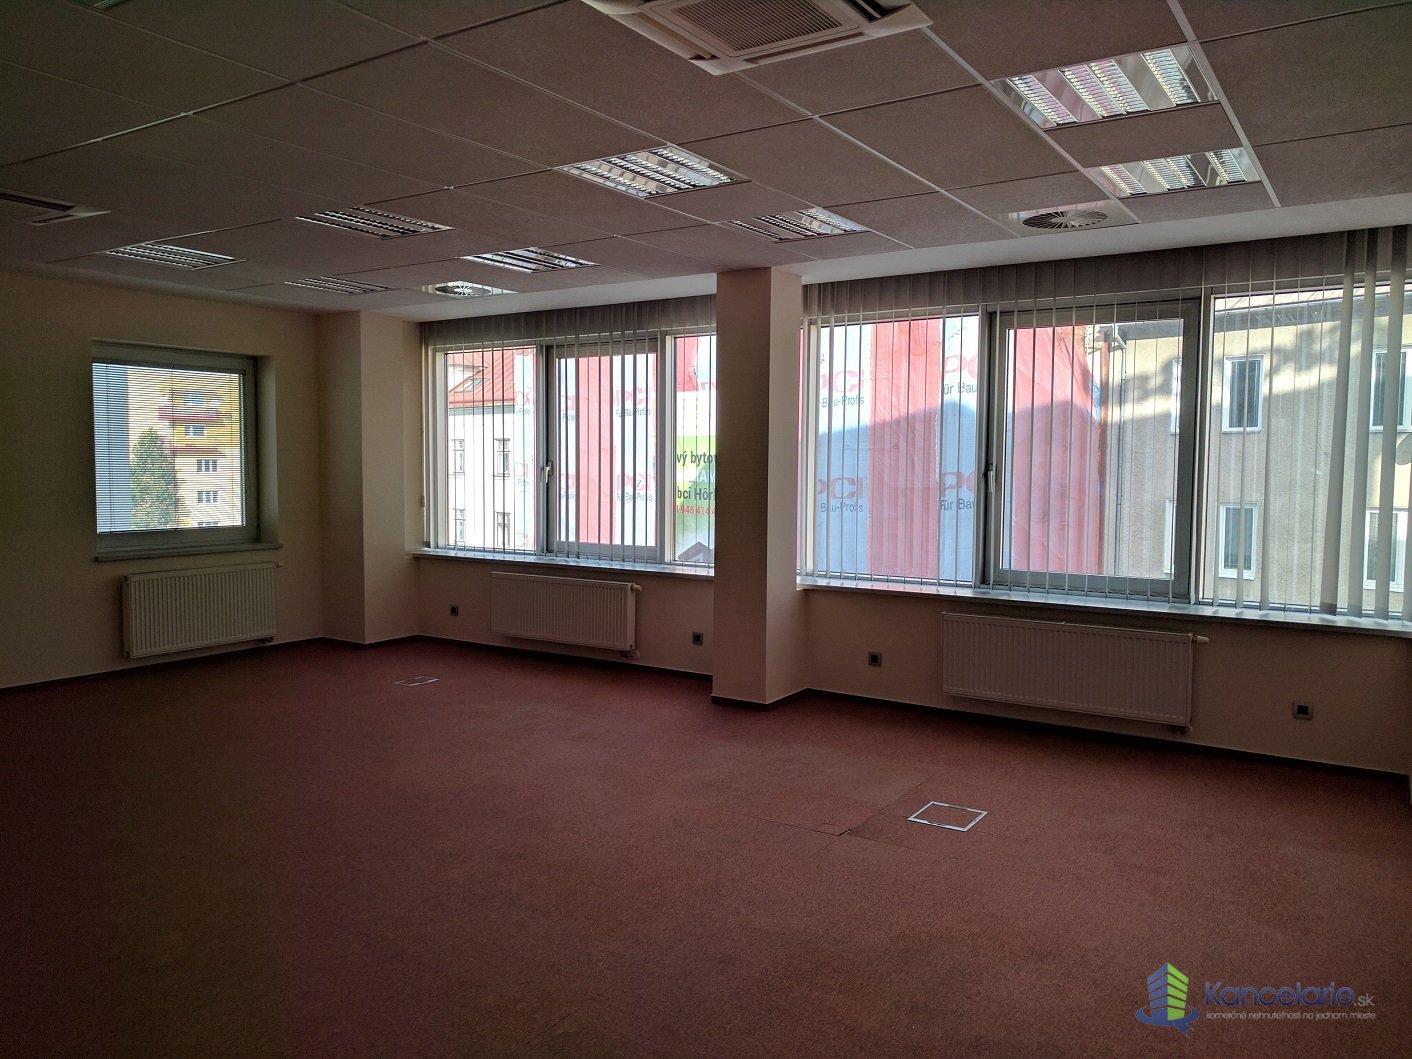 Administratívna budova, 2. poschodie kancelária -2.22a (62,30m2), Veľká Okružná 26A, Žilina